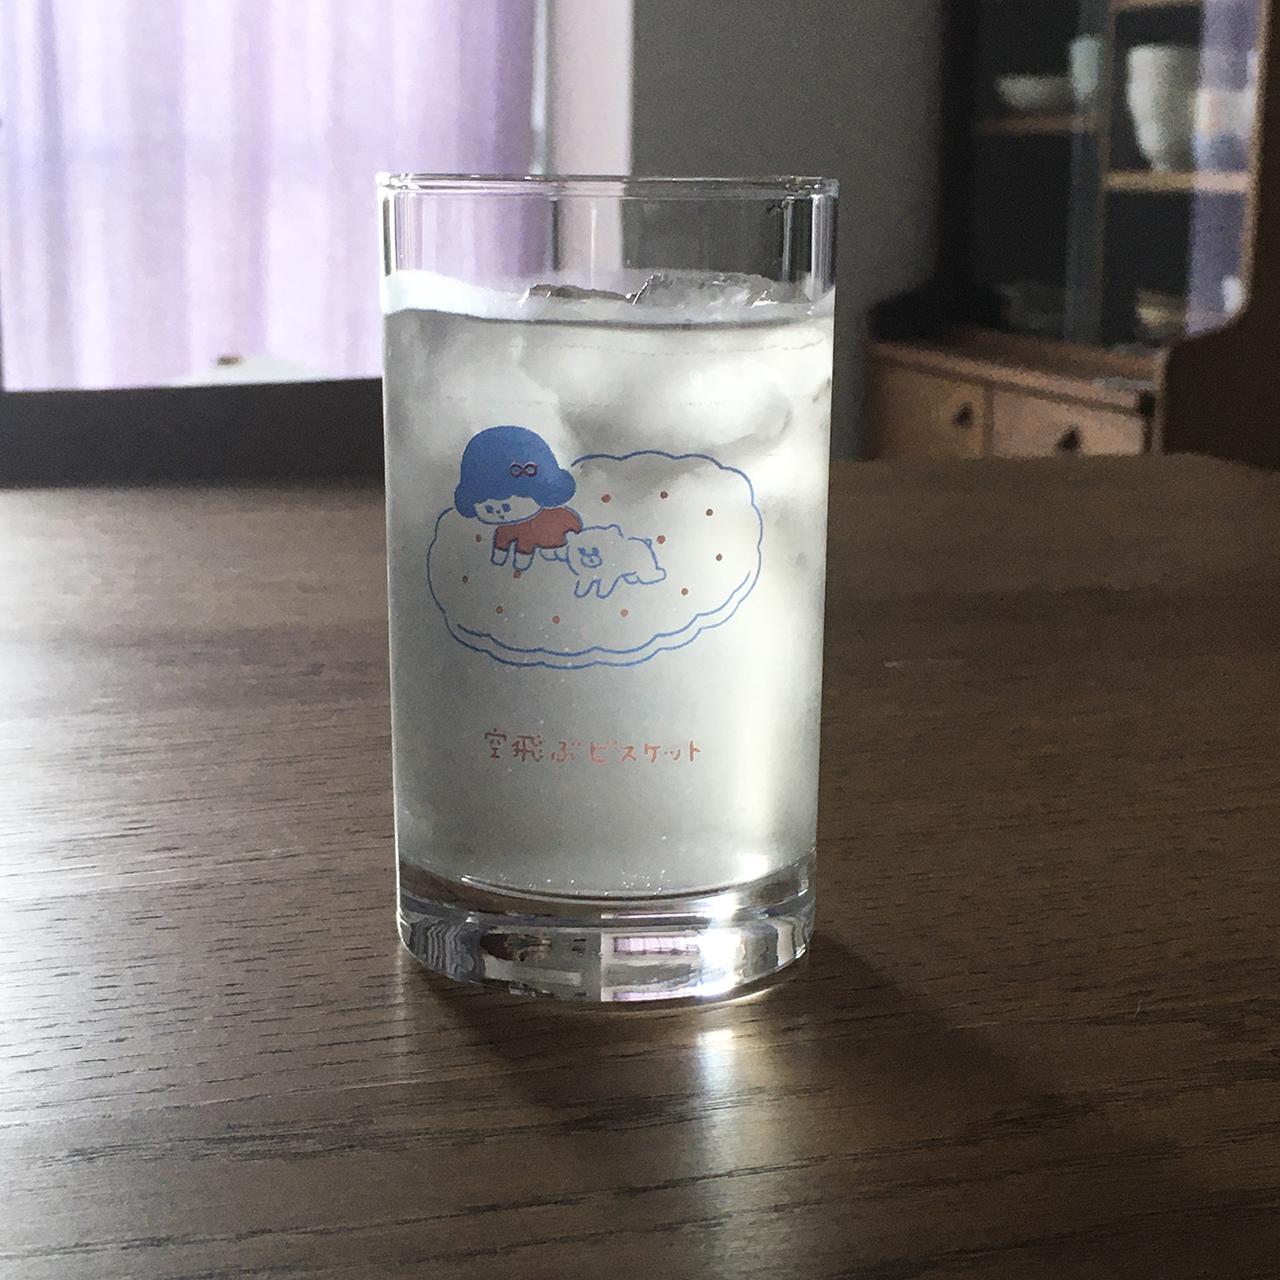 グラス「空飛ぶビスケット」